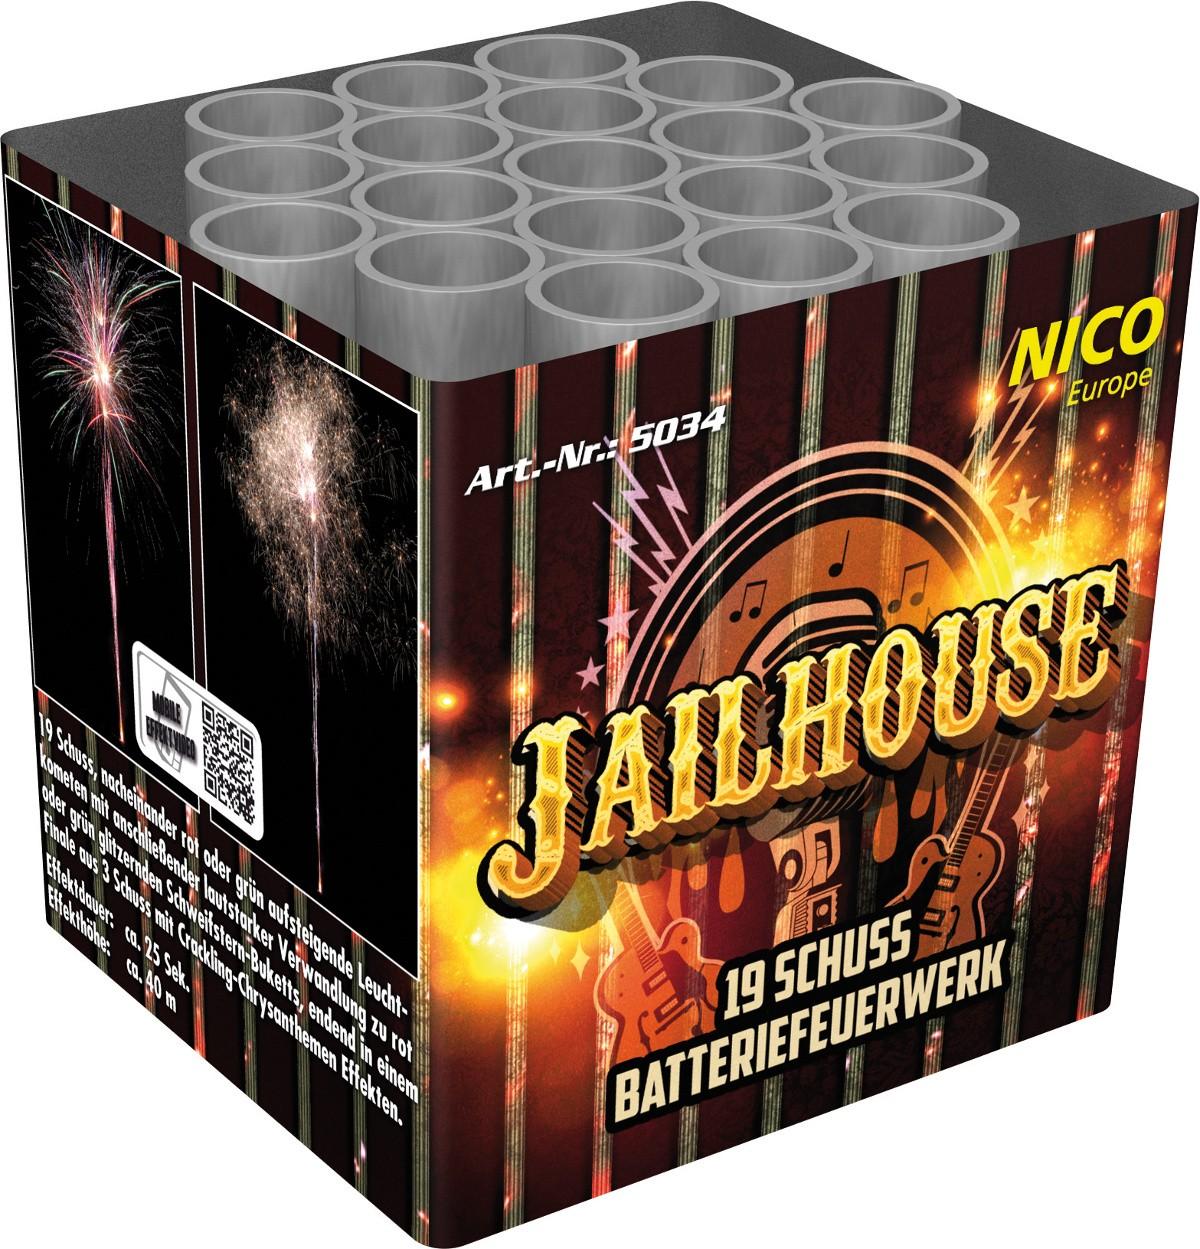 Batterie Feuerwerk Jailhouse 19 Schuss